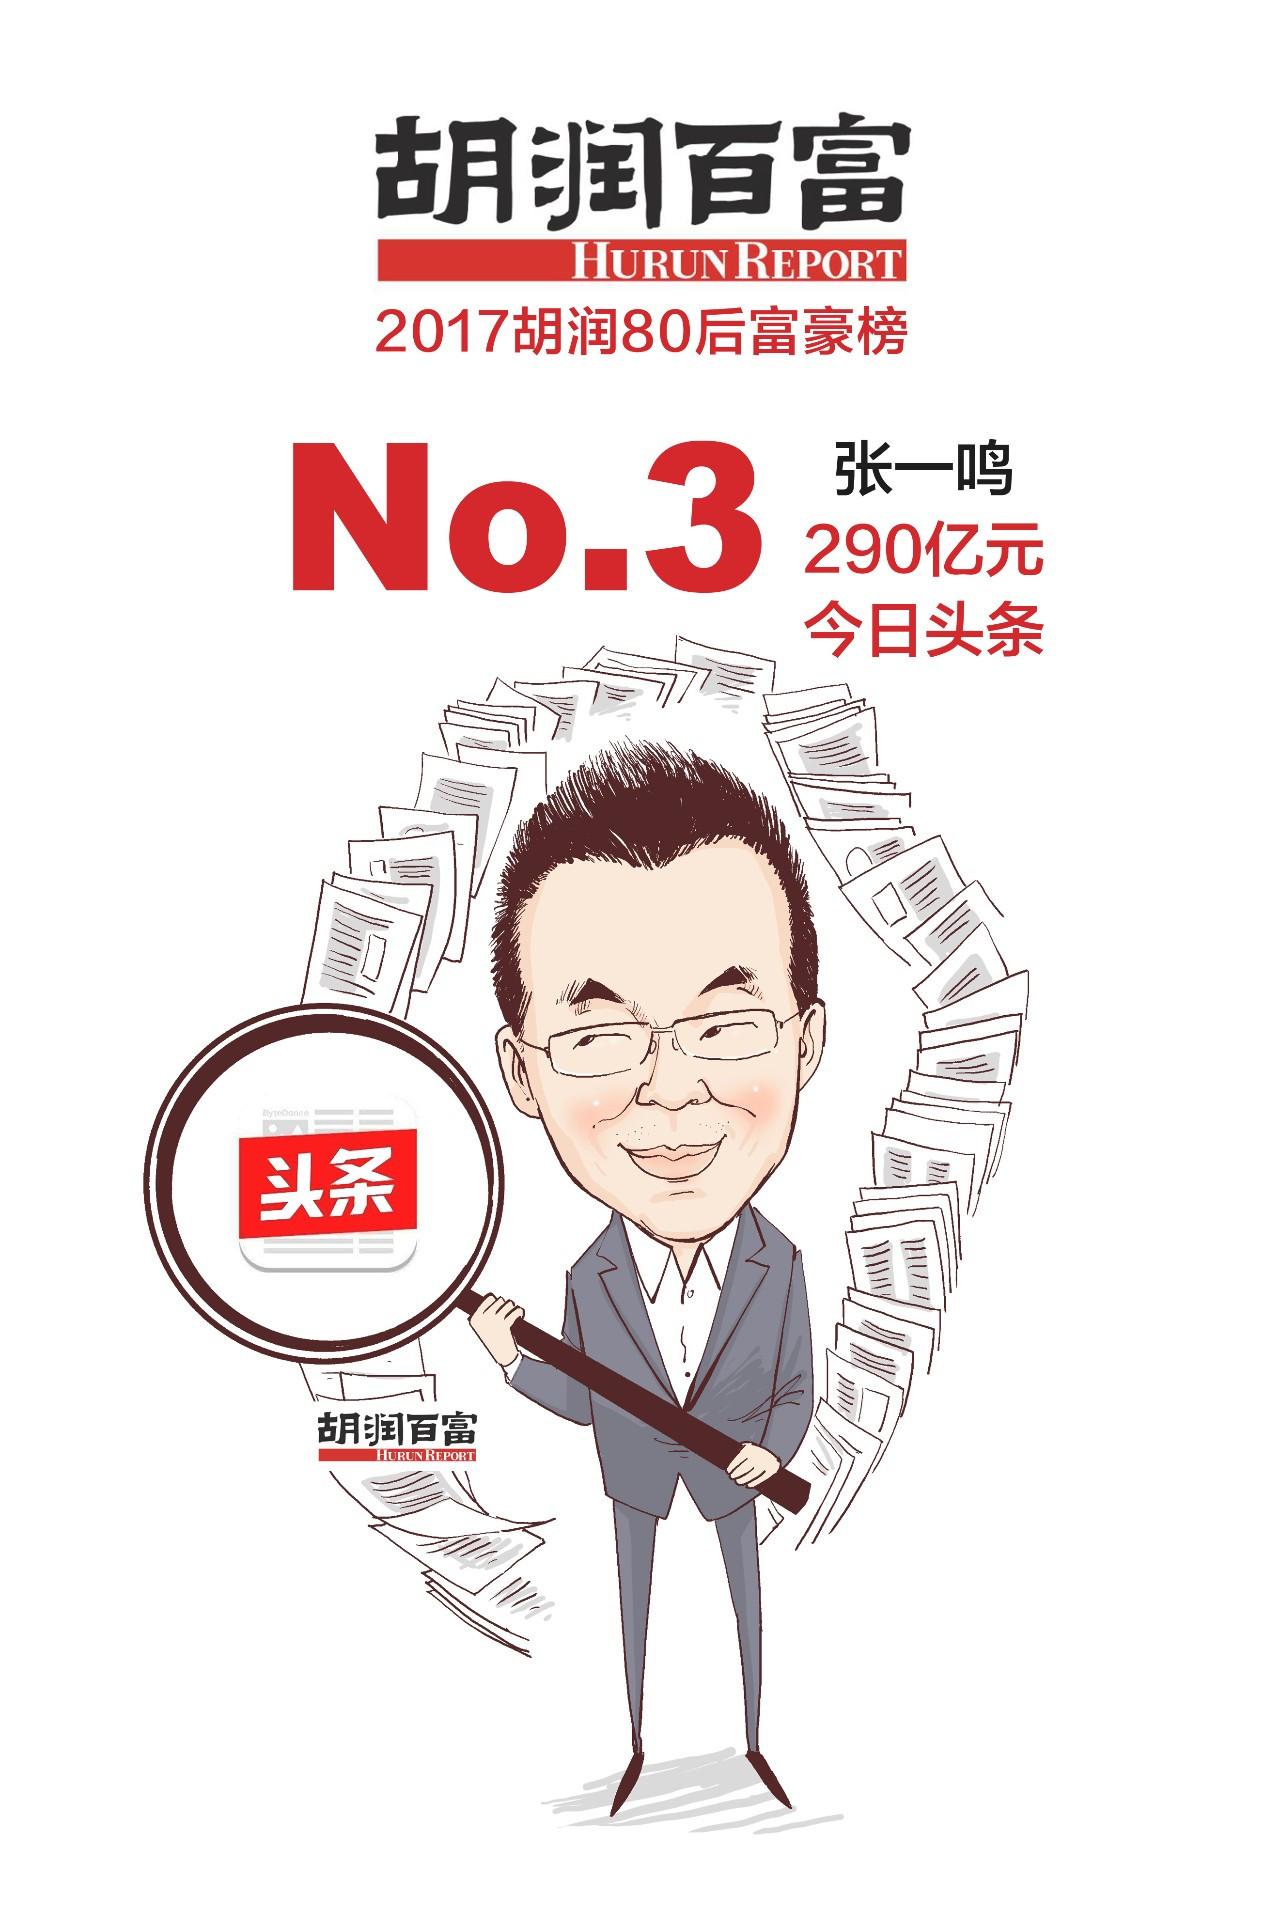 宁德市工商管理局原副局长苏跃生被检察机关决定逮捕